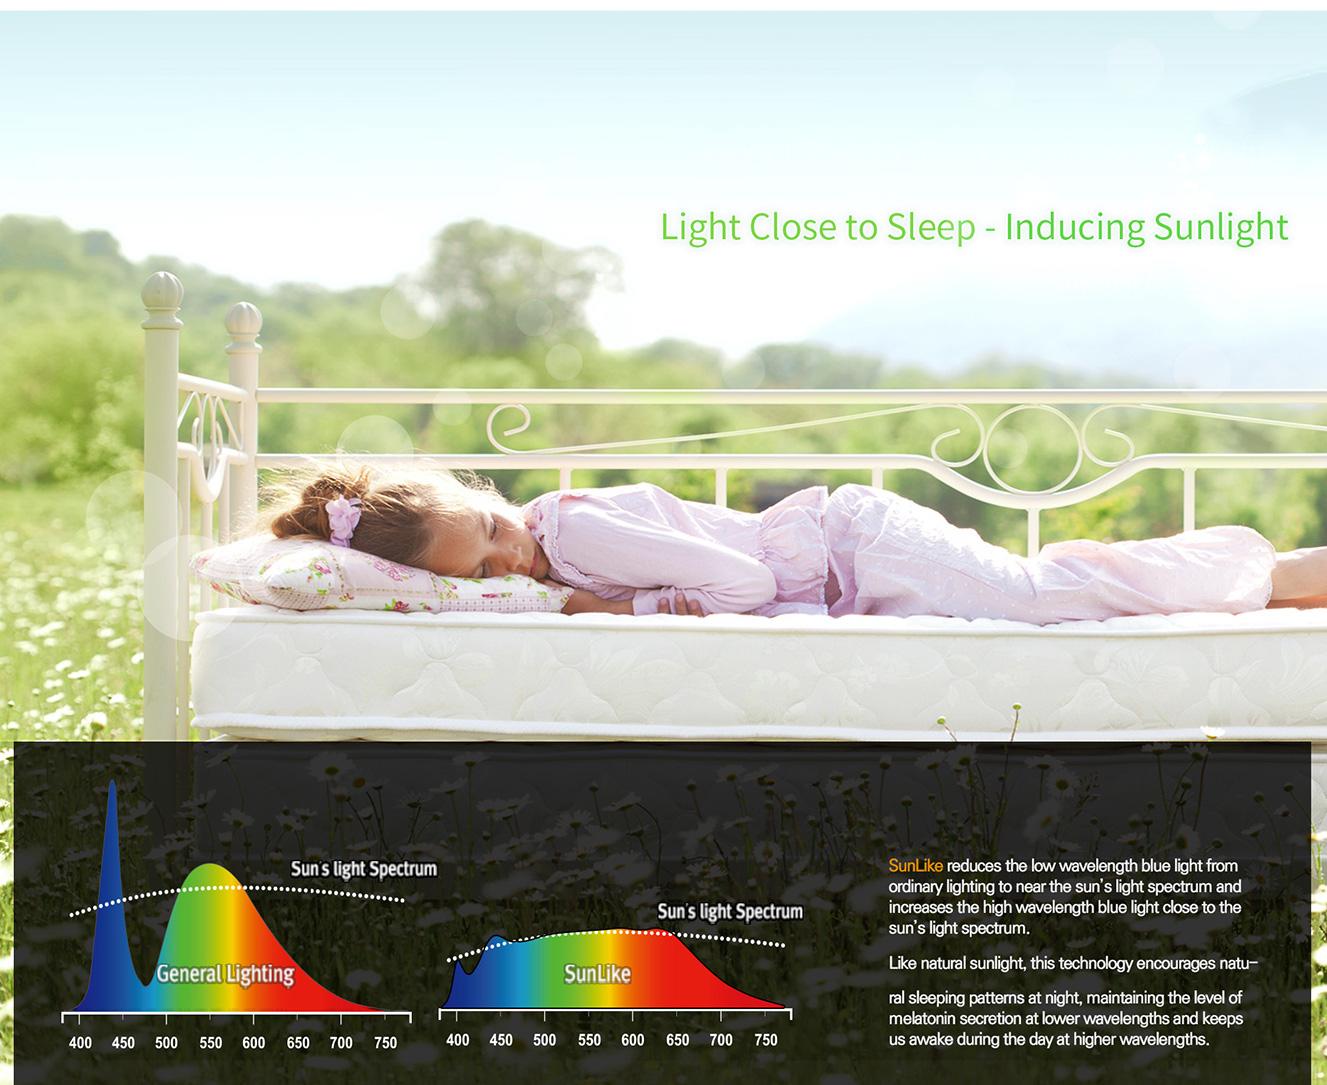 Seúl SunLike LEDs alivian el cansancio de la vista y mejoran los patrones de sueño, dos estudios de investigación sugieren